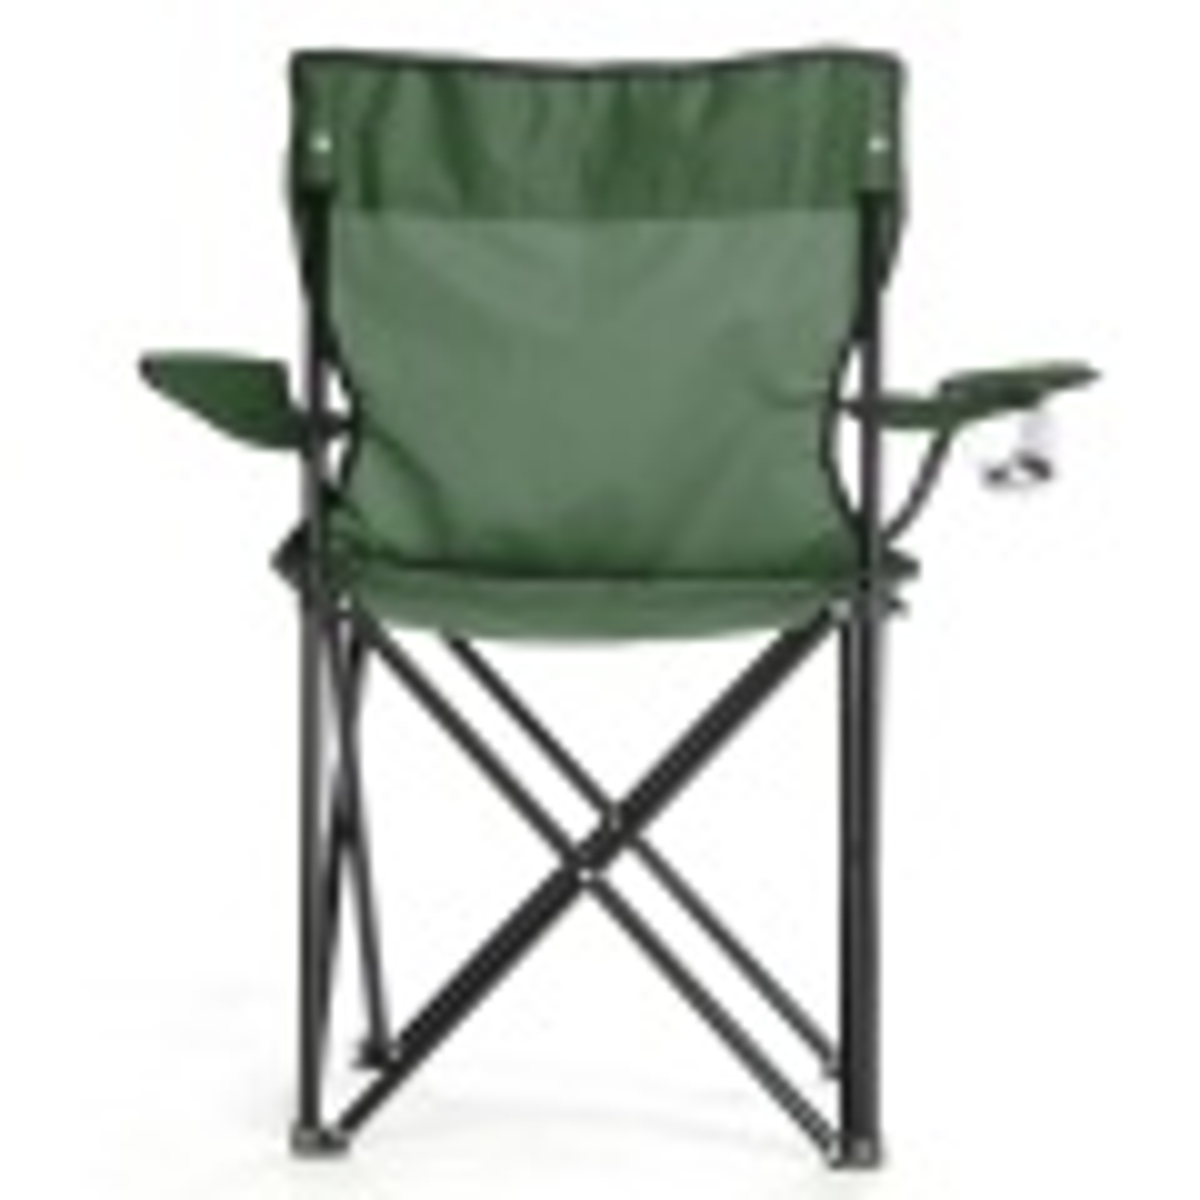 Çantalı Kamp Sandalyesi Balıkçı Plaj Piknik Koltuk Yeşil